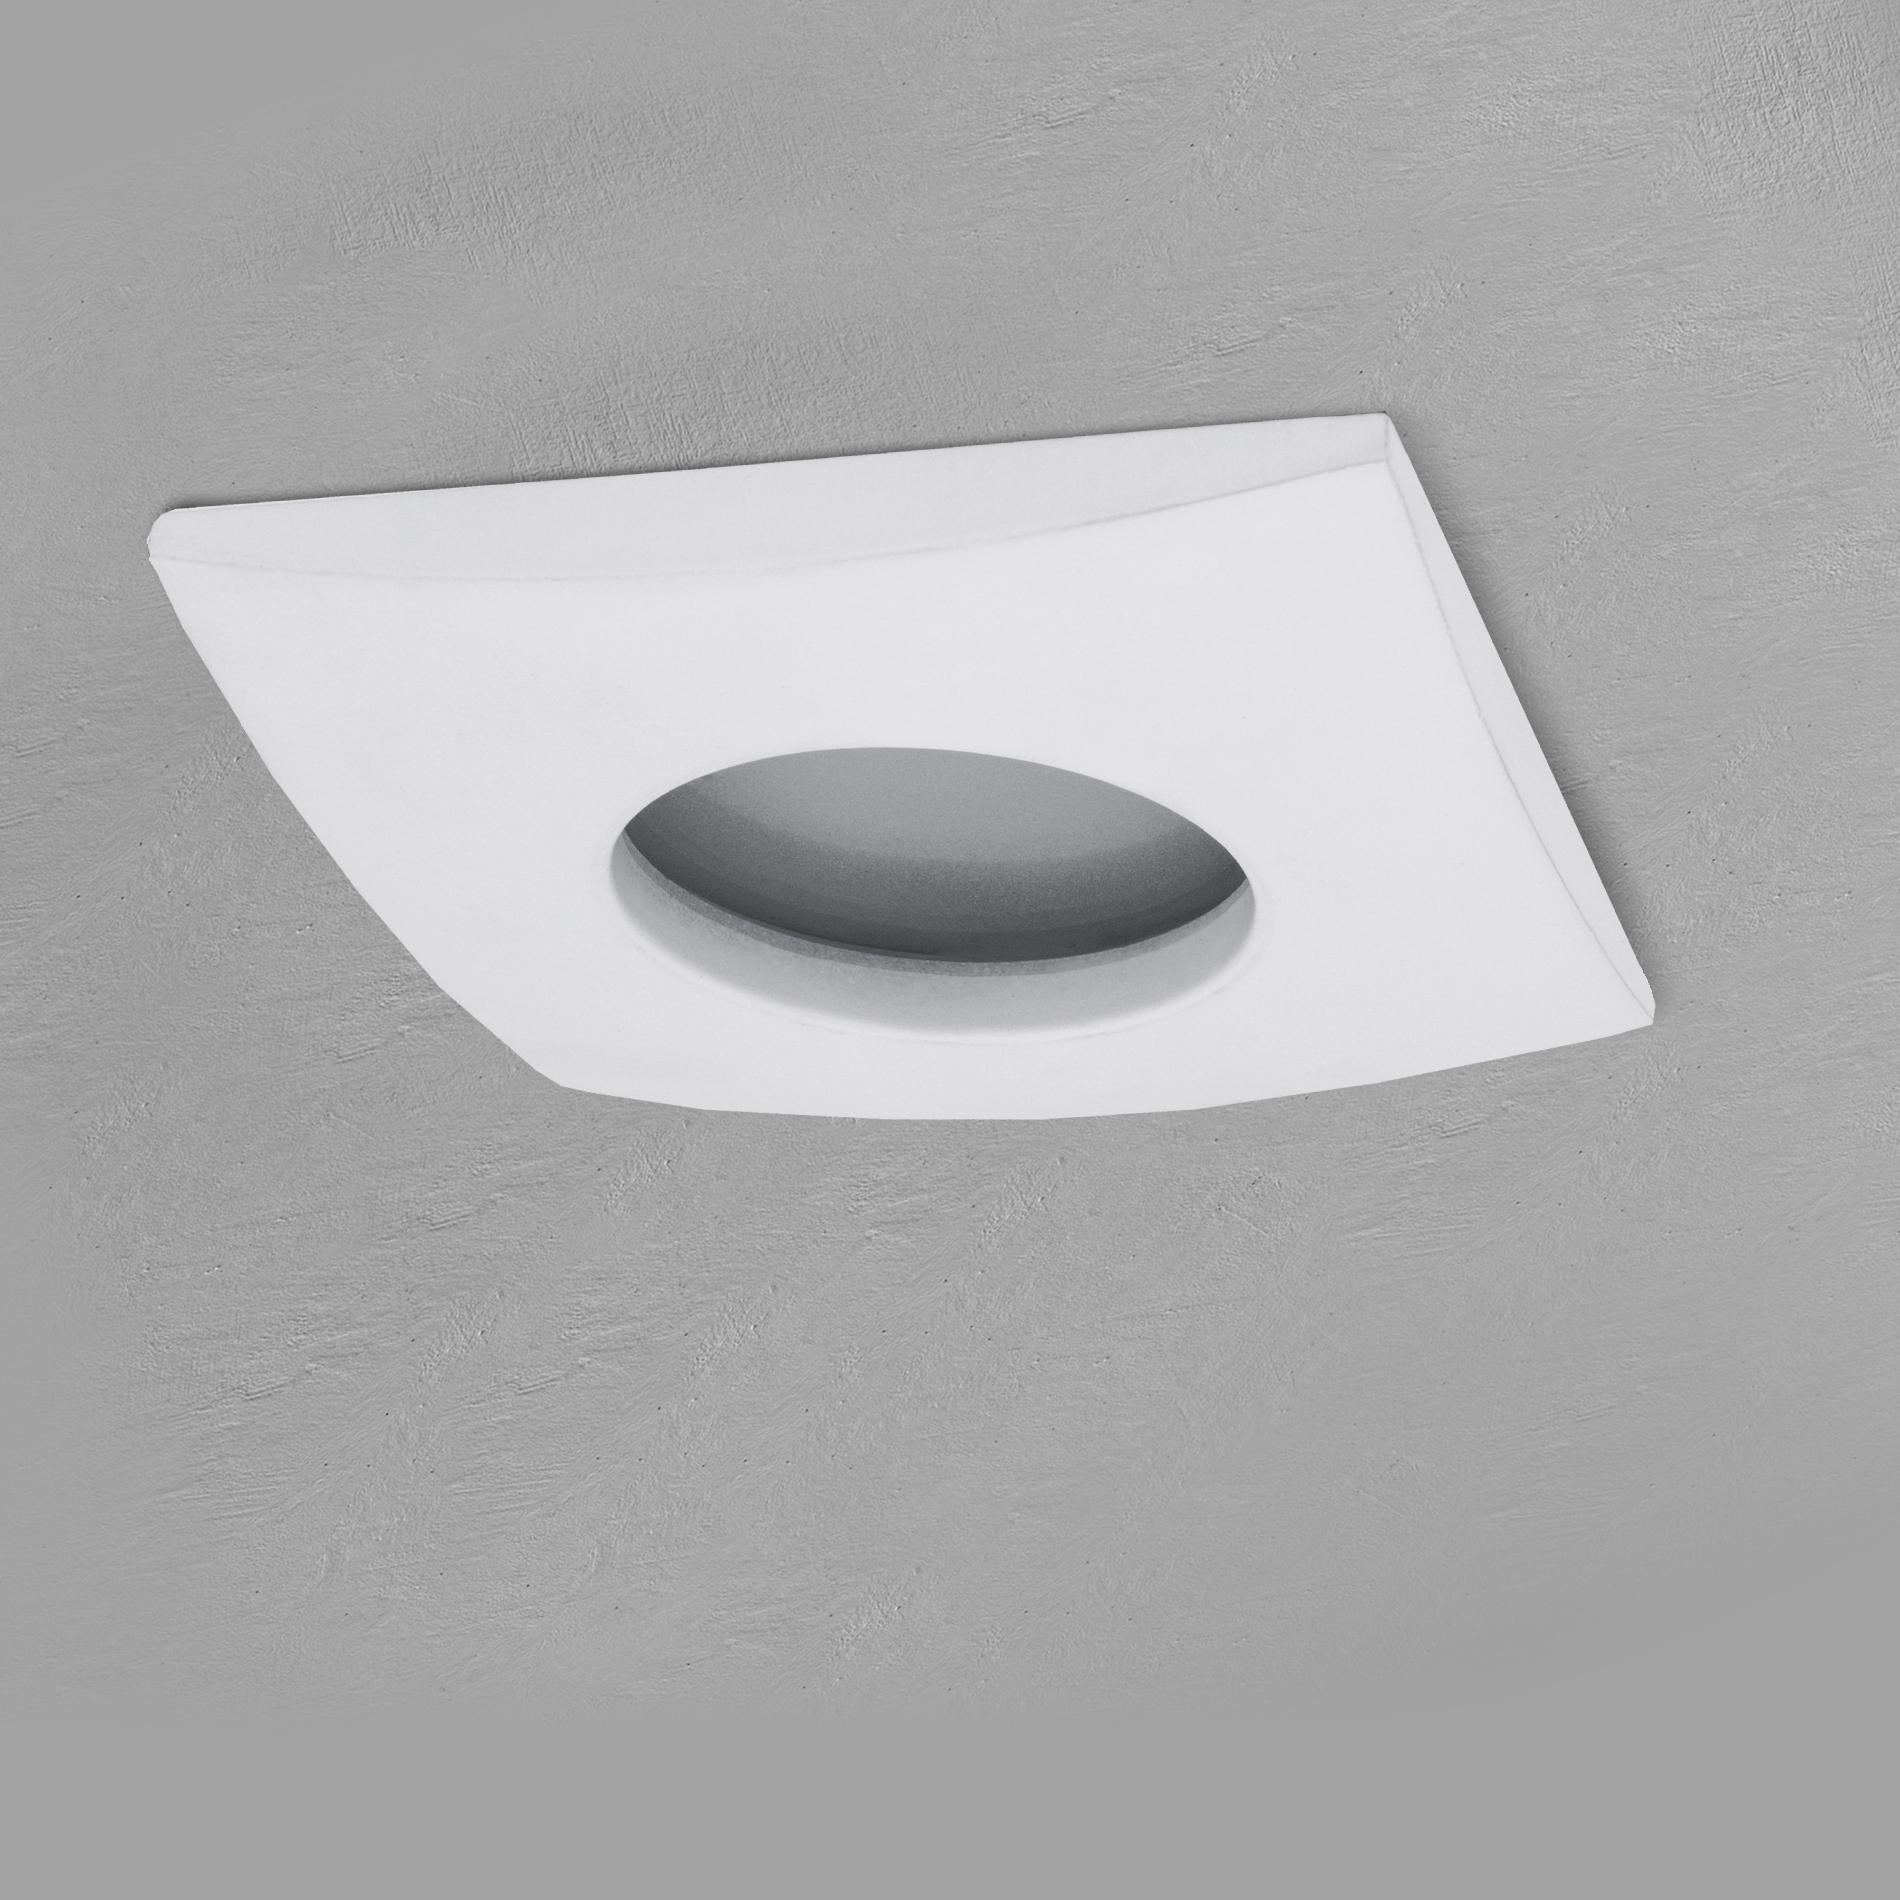 qw 1 led einbaustrahler weiss bad dusche aussenbereich feuchtraum ip65 3w smd led warmwei gu10. Black Bedroom Furniture Sets. Home Design Ideas